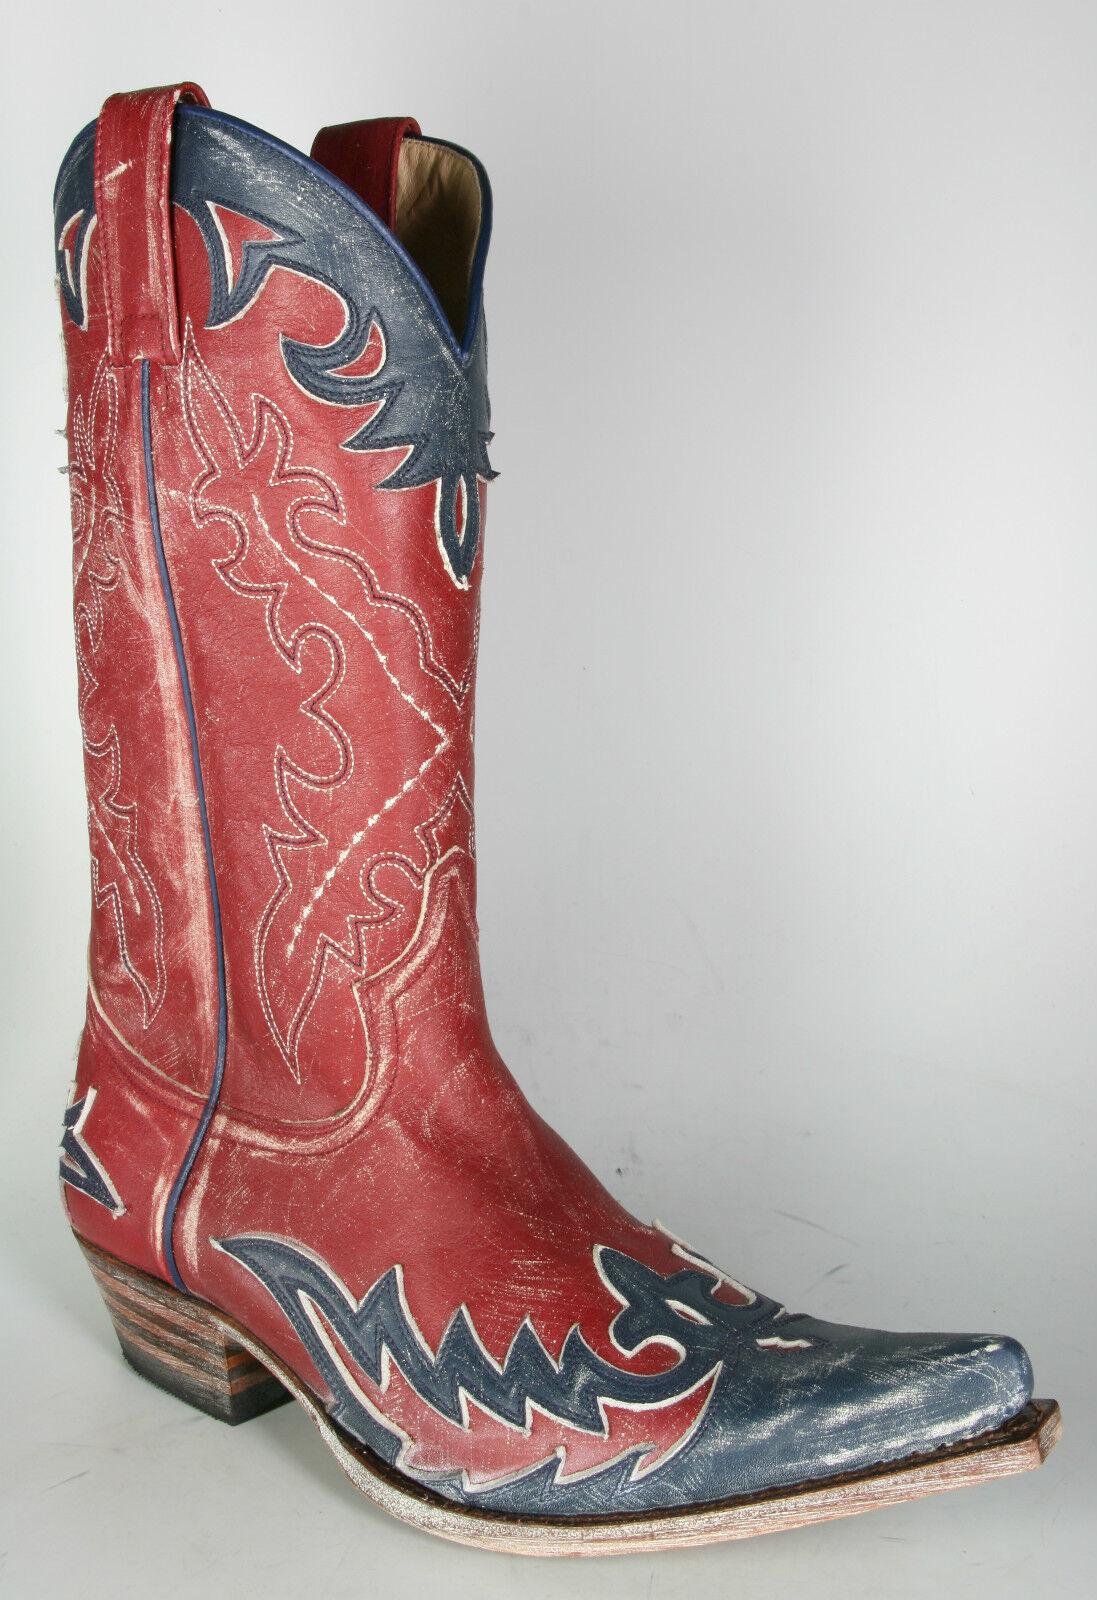 9669 sendra bottes Bottes De Cowboy bleu rouge vintage cadre cousue Bottes en cuir